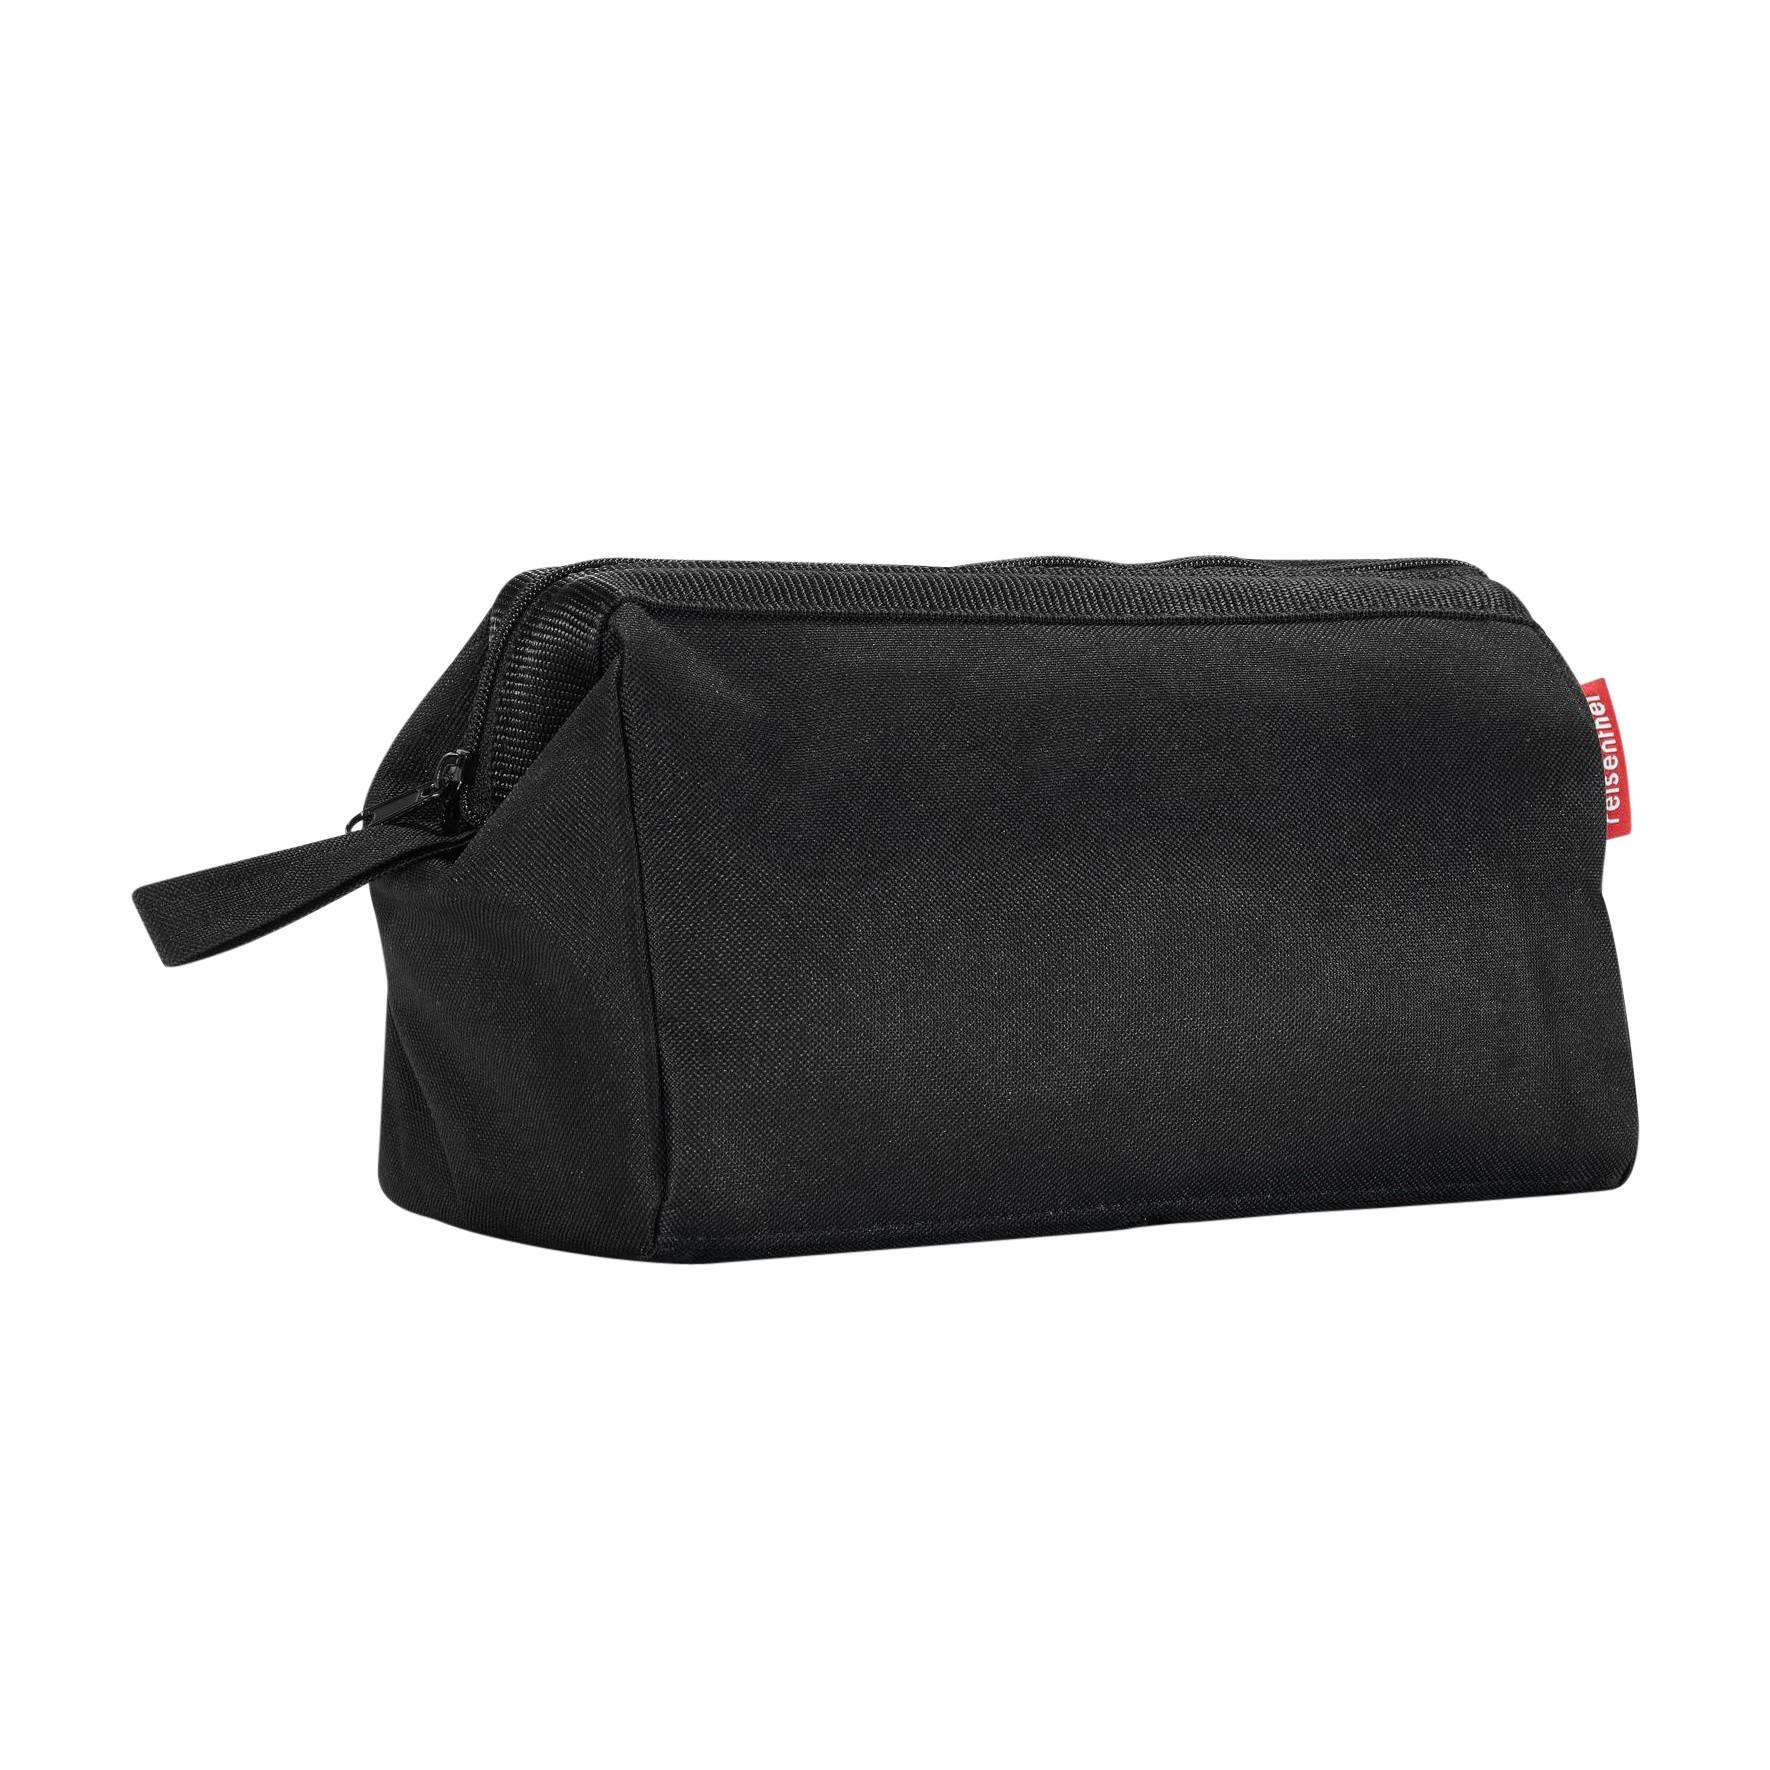 Reisenthel travelcosmetic Cosmetic Bag AmbienteDirect ~ 01230907_Reisenthel Wäschekorb Schwarz